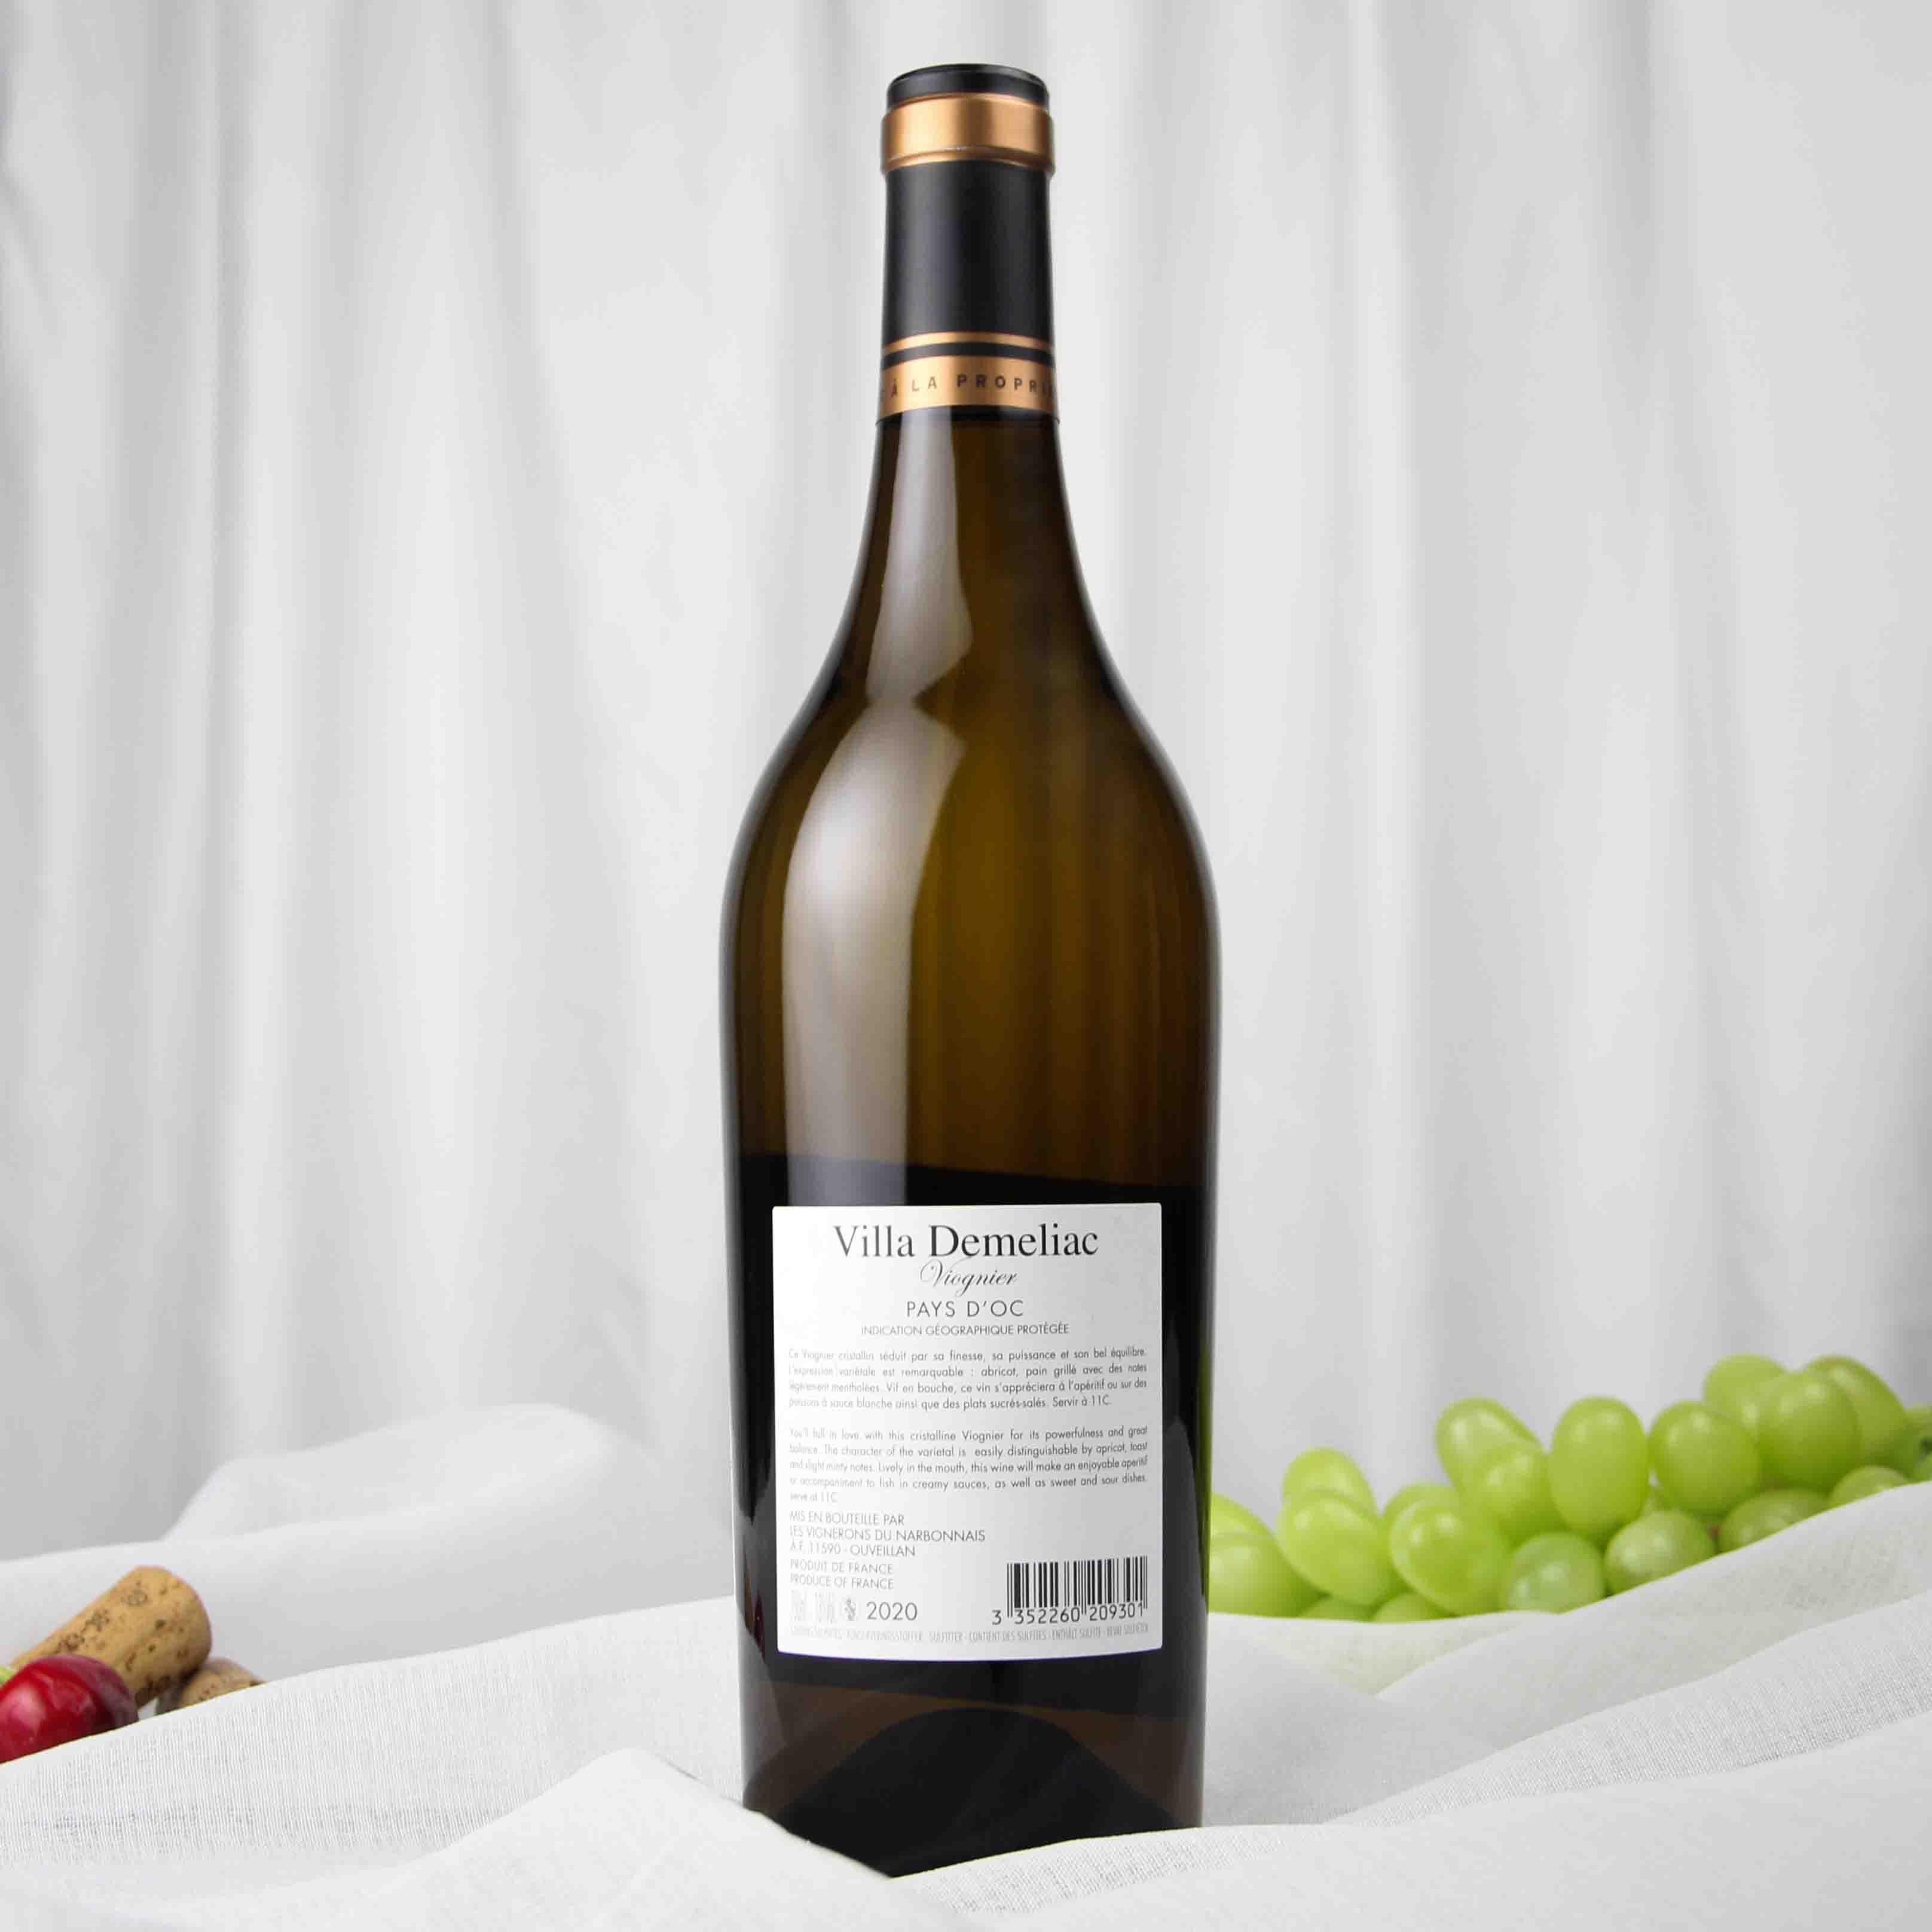 法国德美莱维欧尼白葡萄酒2020